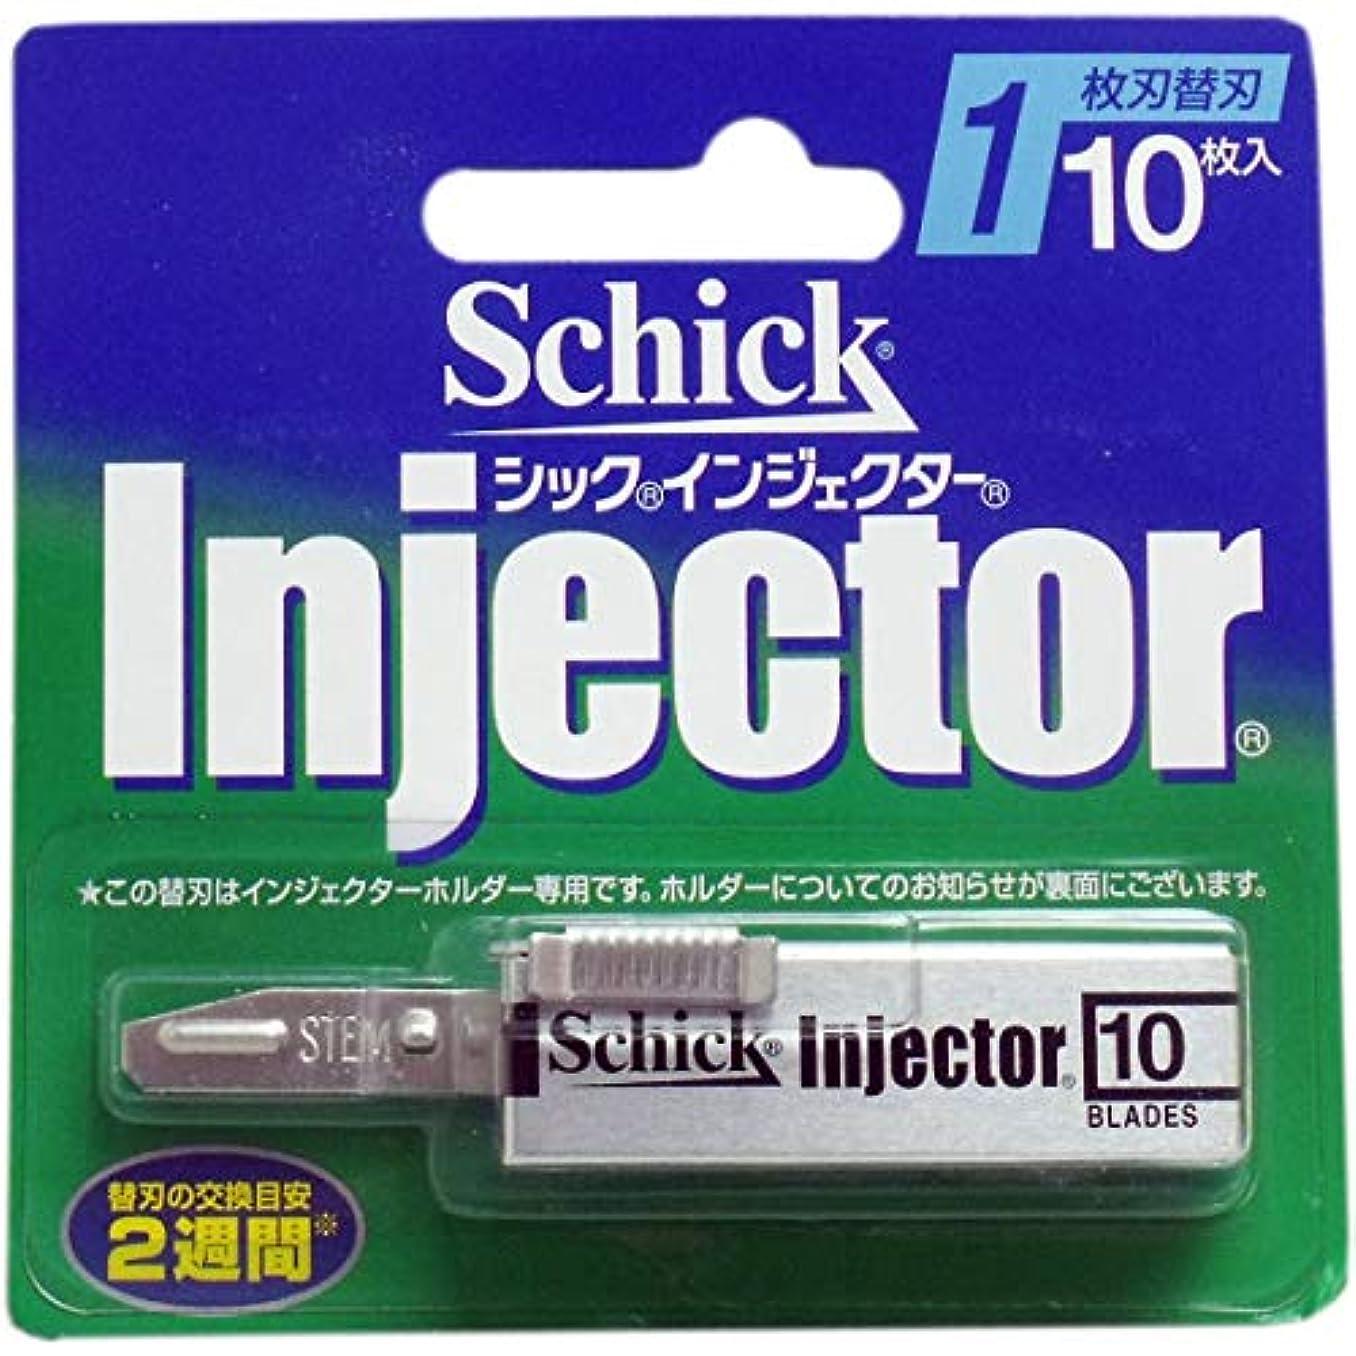 シック インジェクター 1枚刃 替刃 10枚入×10個セット